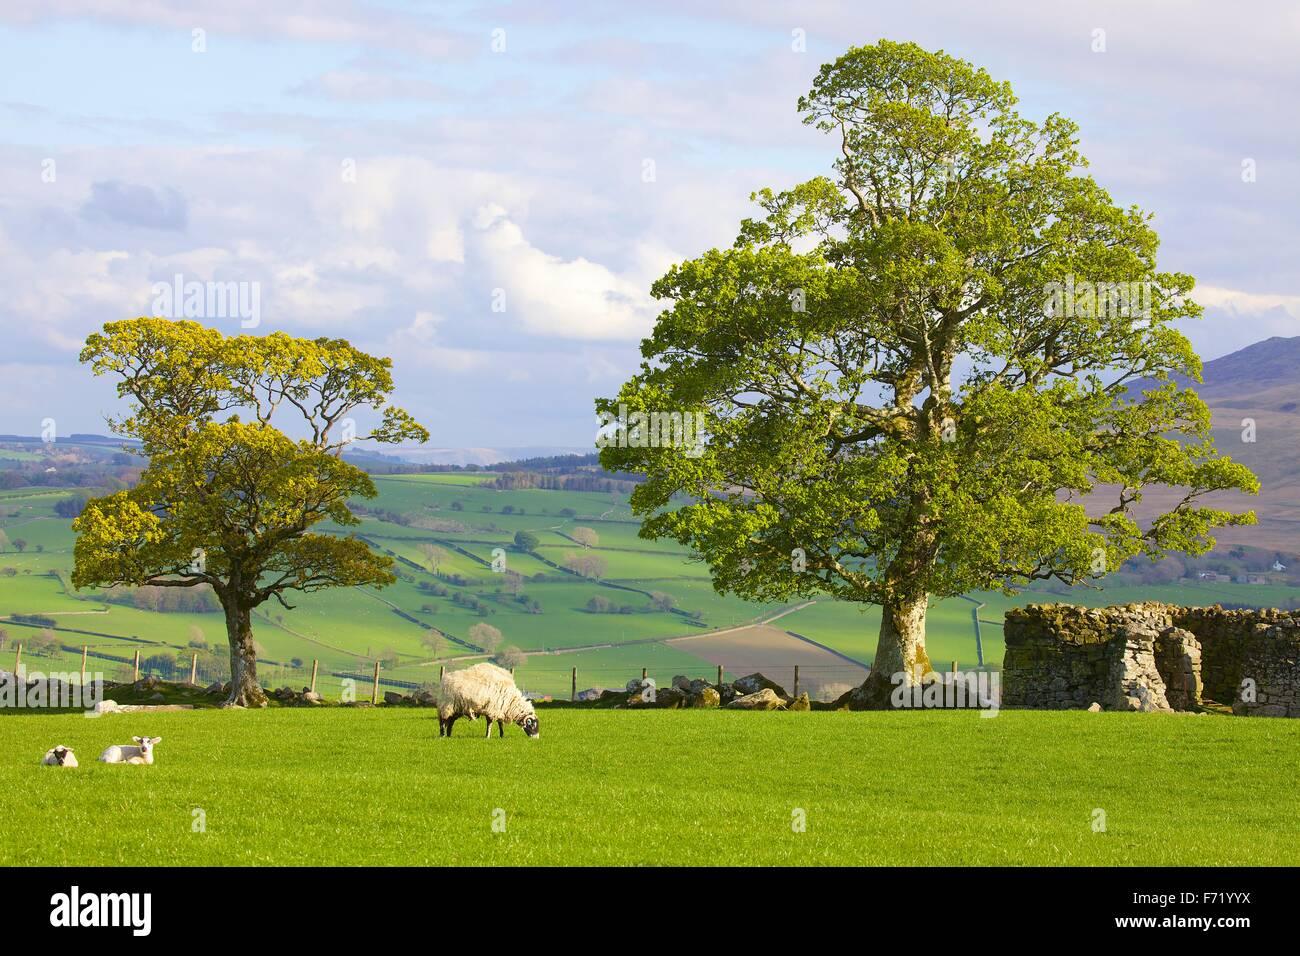 Parque Nacional del Lake District. Árbol con hojas de resorte y ovejas con corderos en campo por el muro de Imagen De Stock